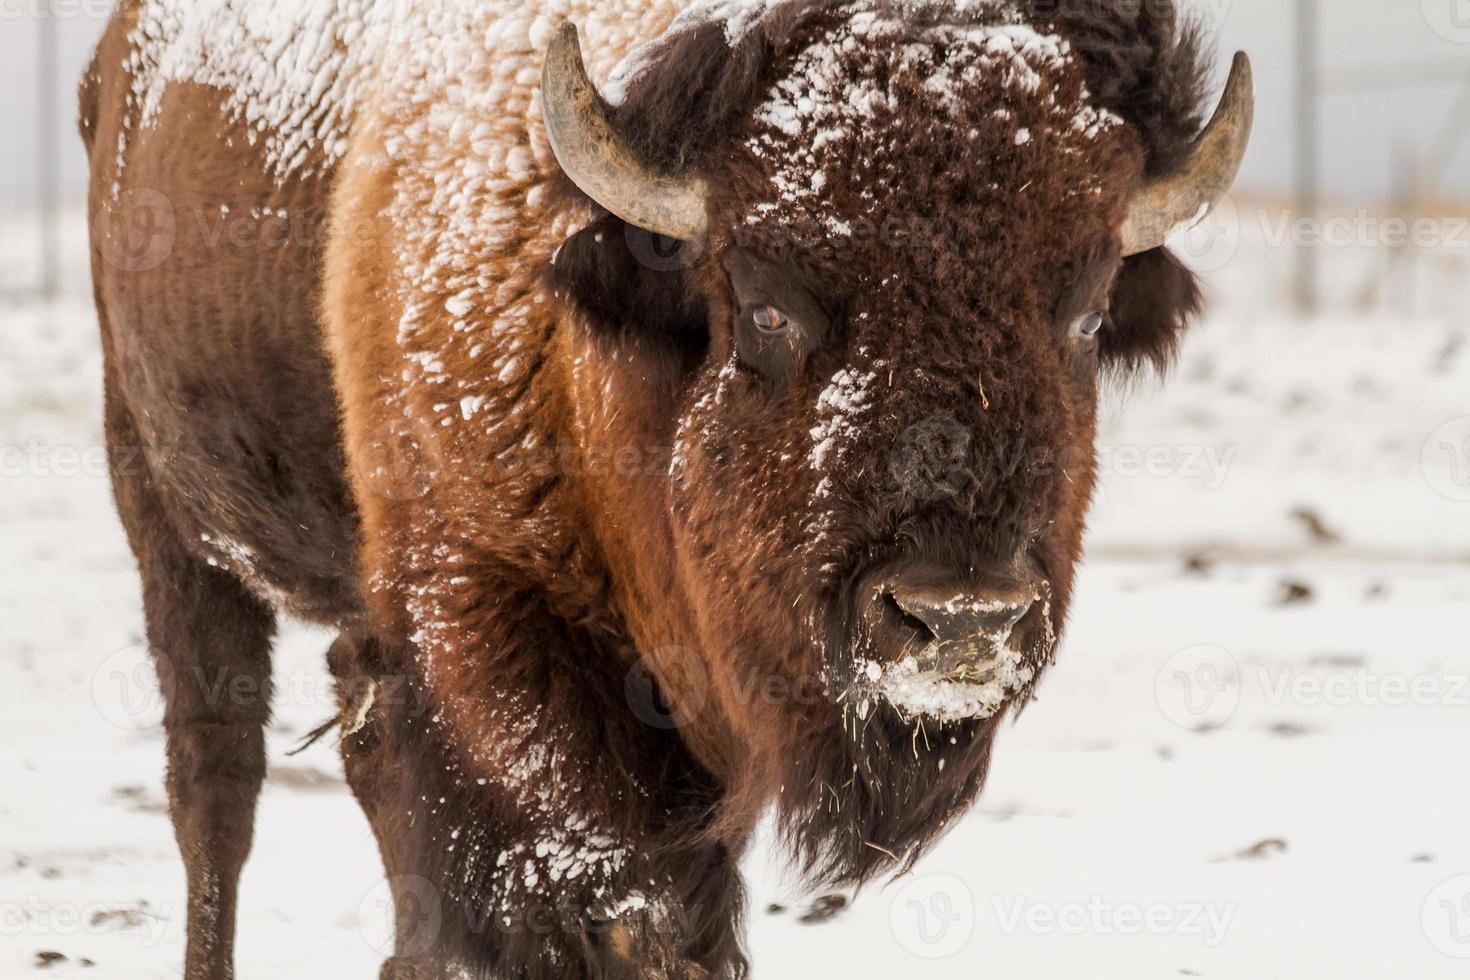 grote mannelijke buffel foto